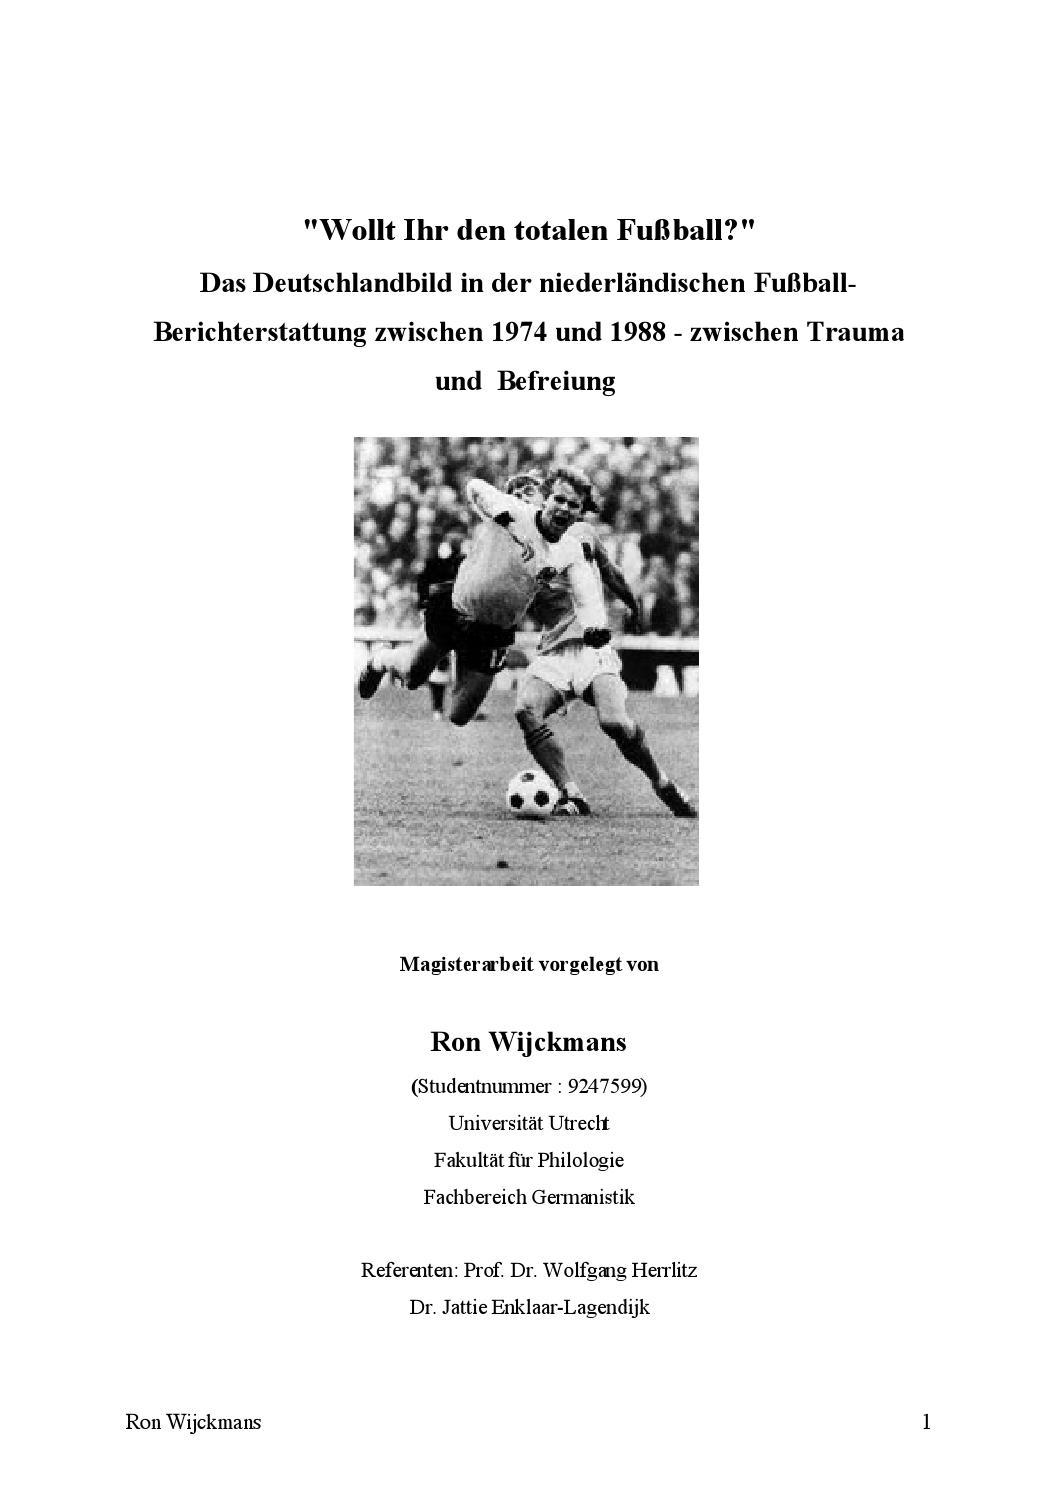 Wollt Ihr den totalen Fußball? - Ron Wijckmans by Jurryt van de Vooren -  issuu